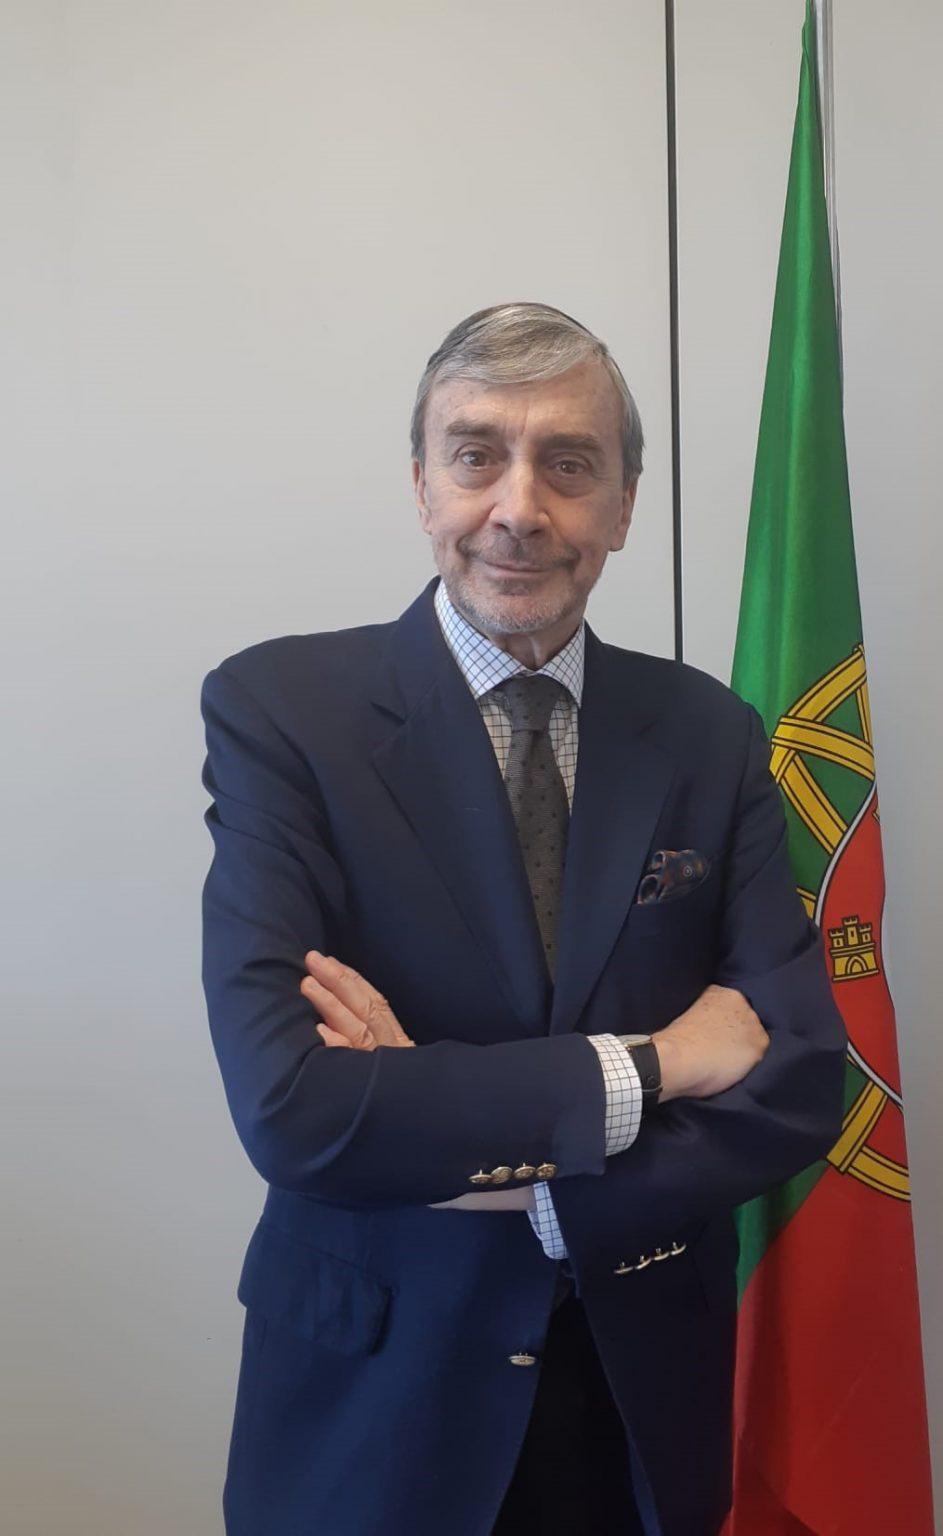 Parte I: Entrevista a António Ricoca Freire, embaixador de Portugal na Suíça